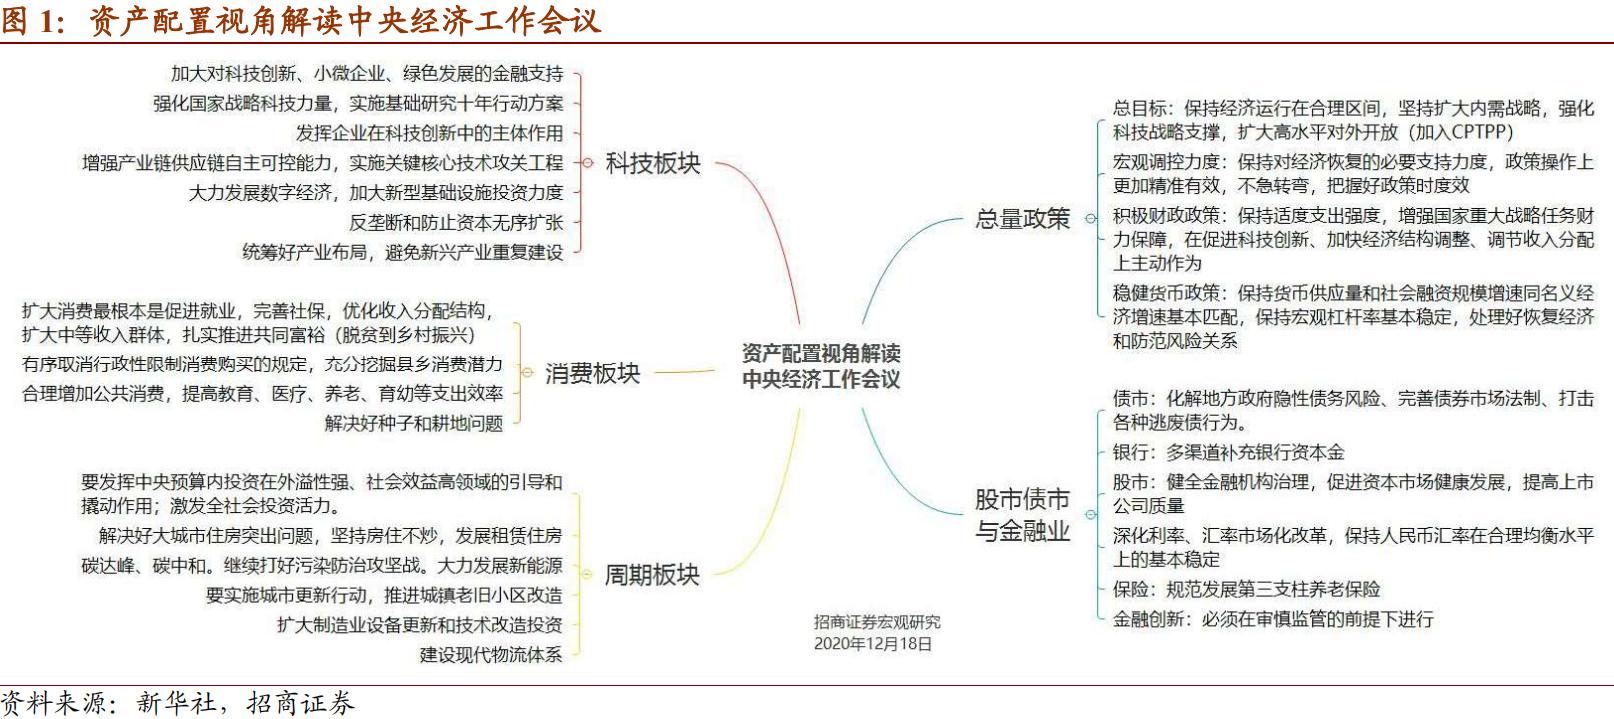 招商宏观高明:资产配置视角解读中央经济工作会议